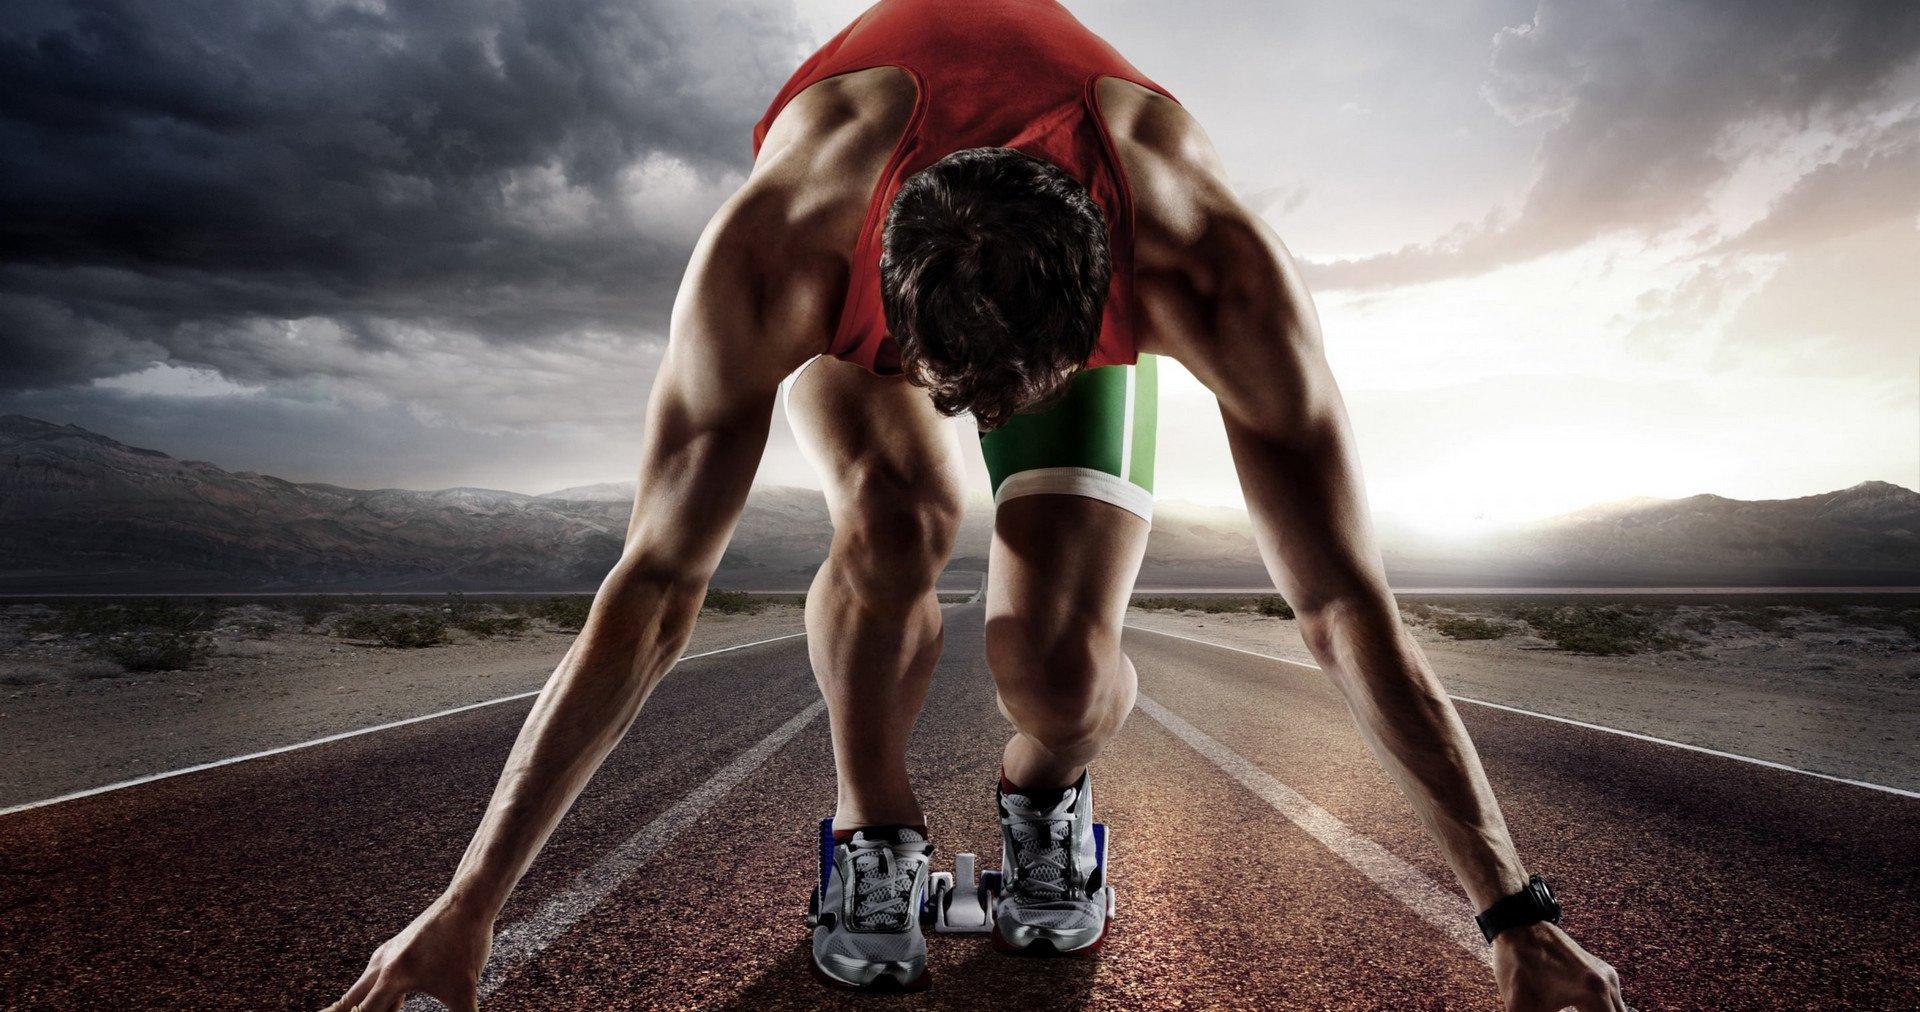 Переменный, шоссейный, быстрый бег. Виды и описание